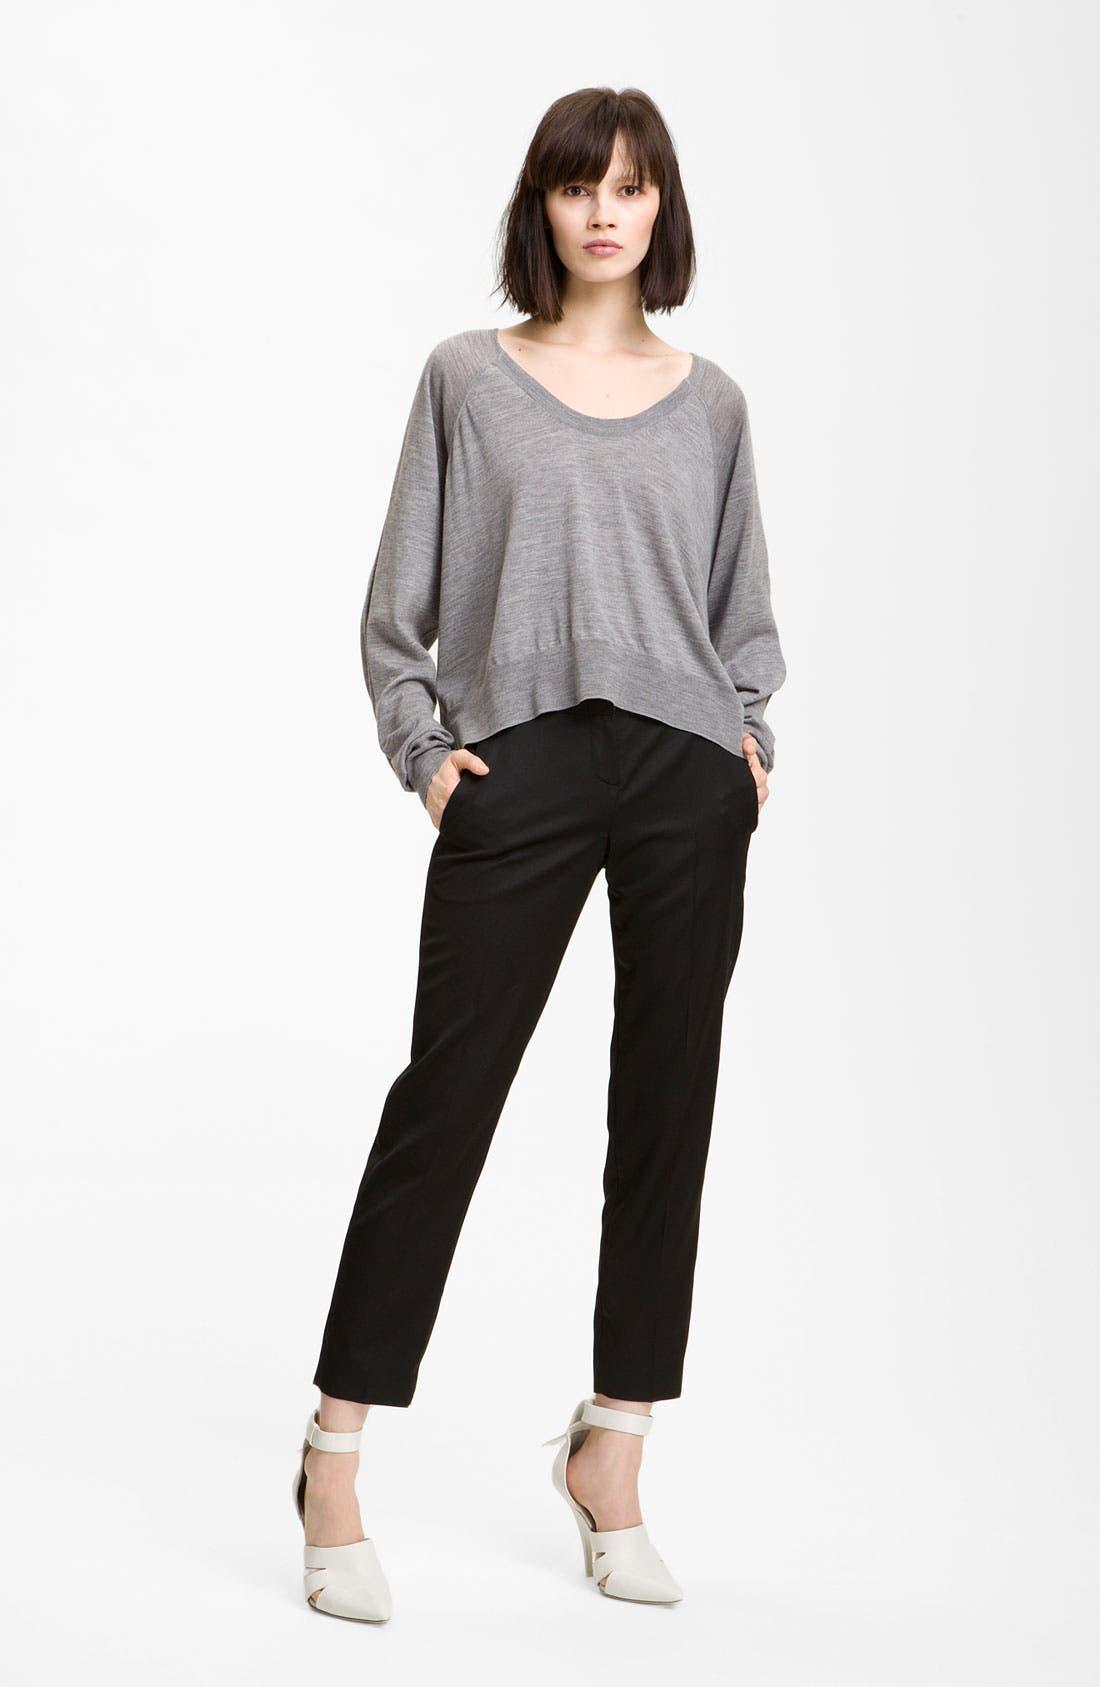 Alternate Image 1 Selected - Alexander Wang Crop Merino Wool Top